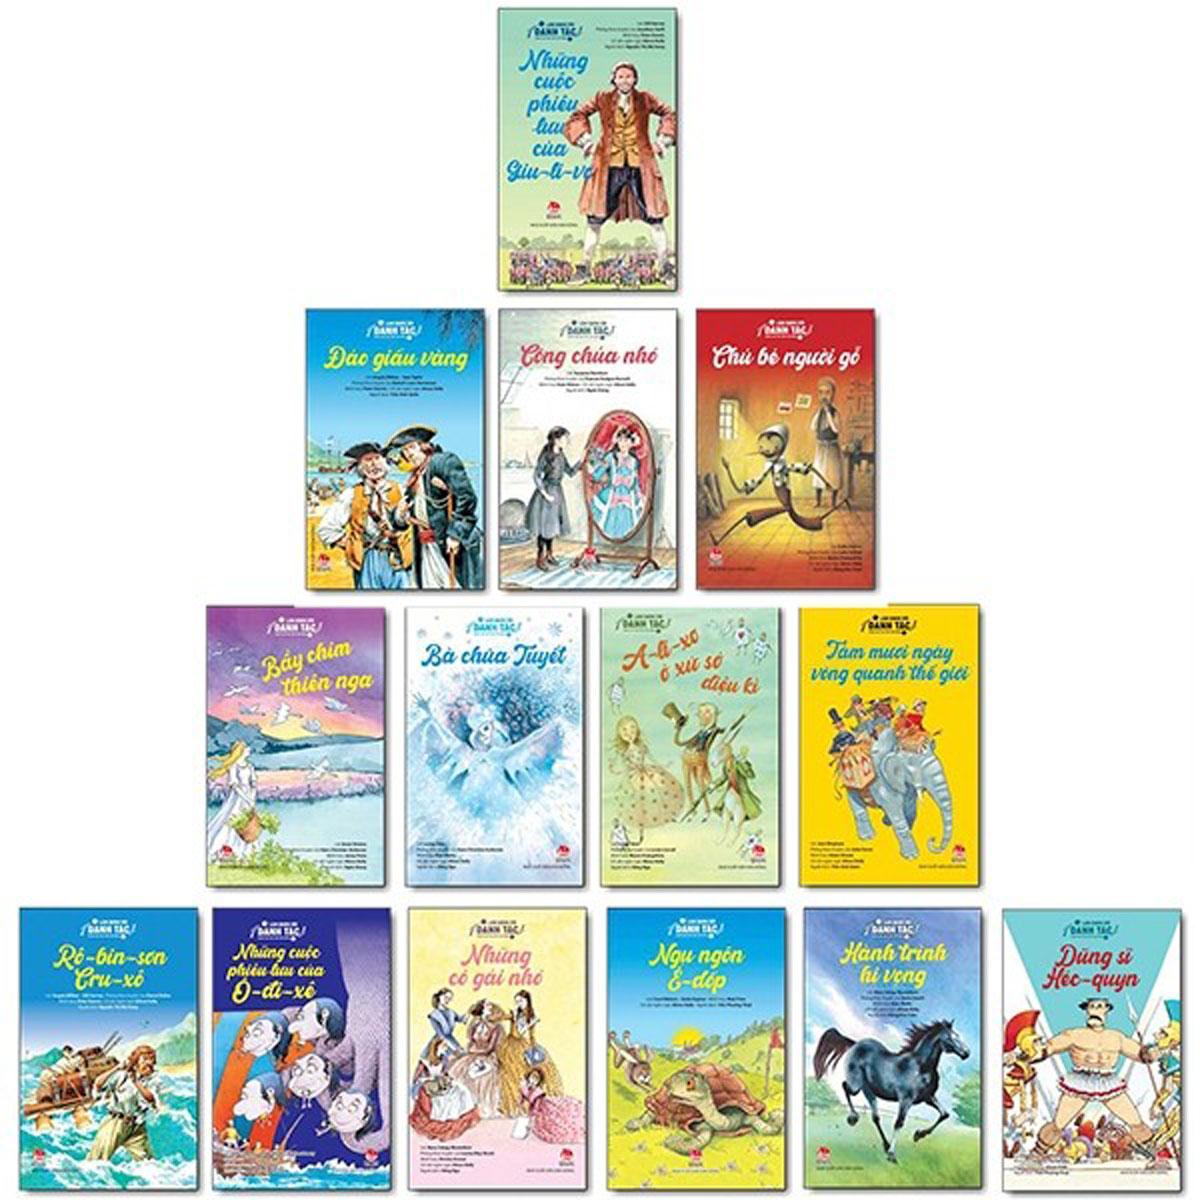 Combo Sách Làm Quen Với Danh Tác - Dành Cho Lứa Tuổi Nhi Đồng (Bộ 14 Cuốn)